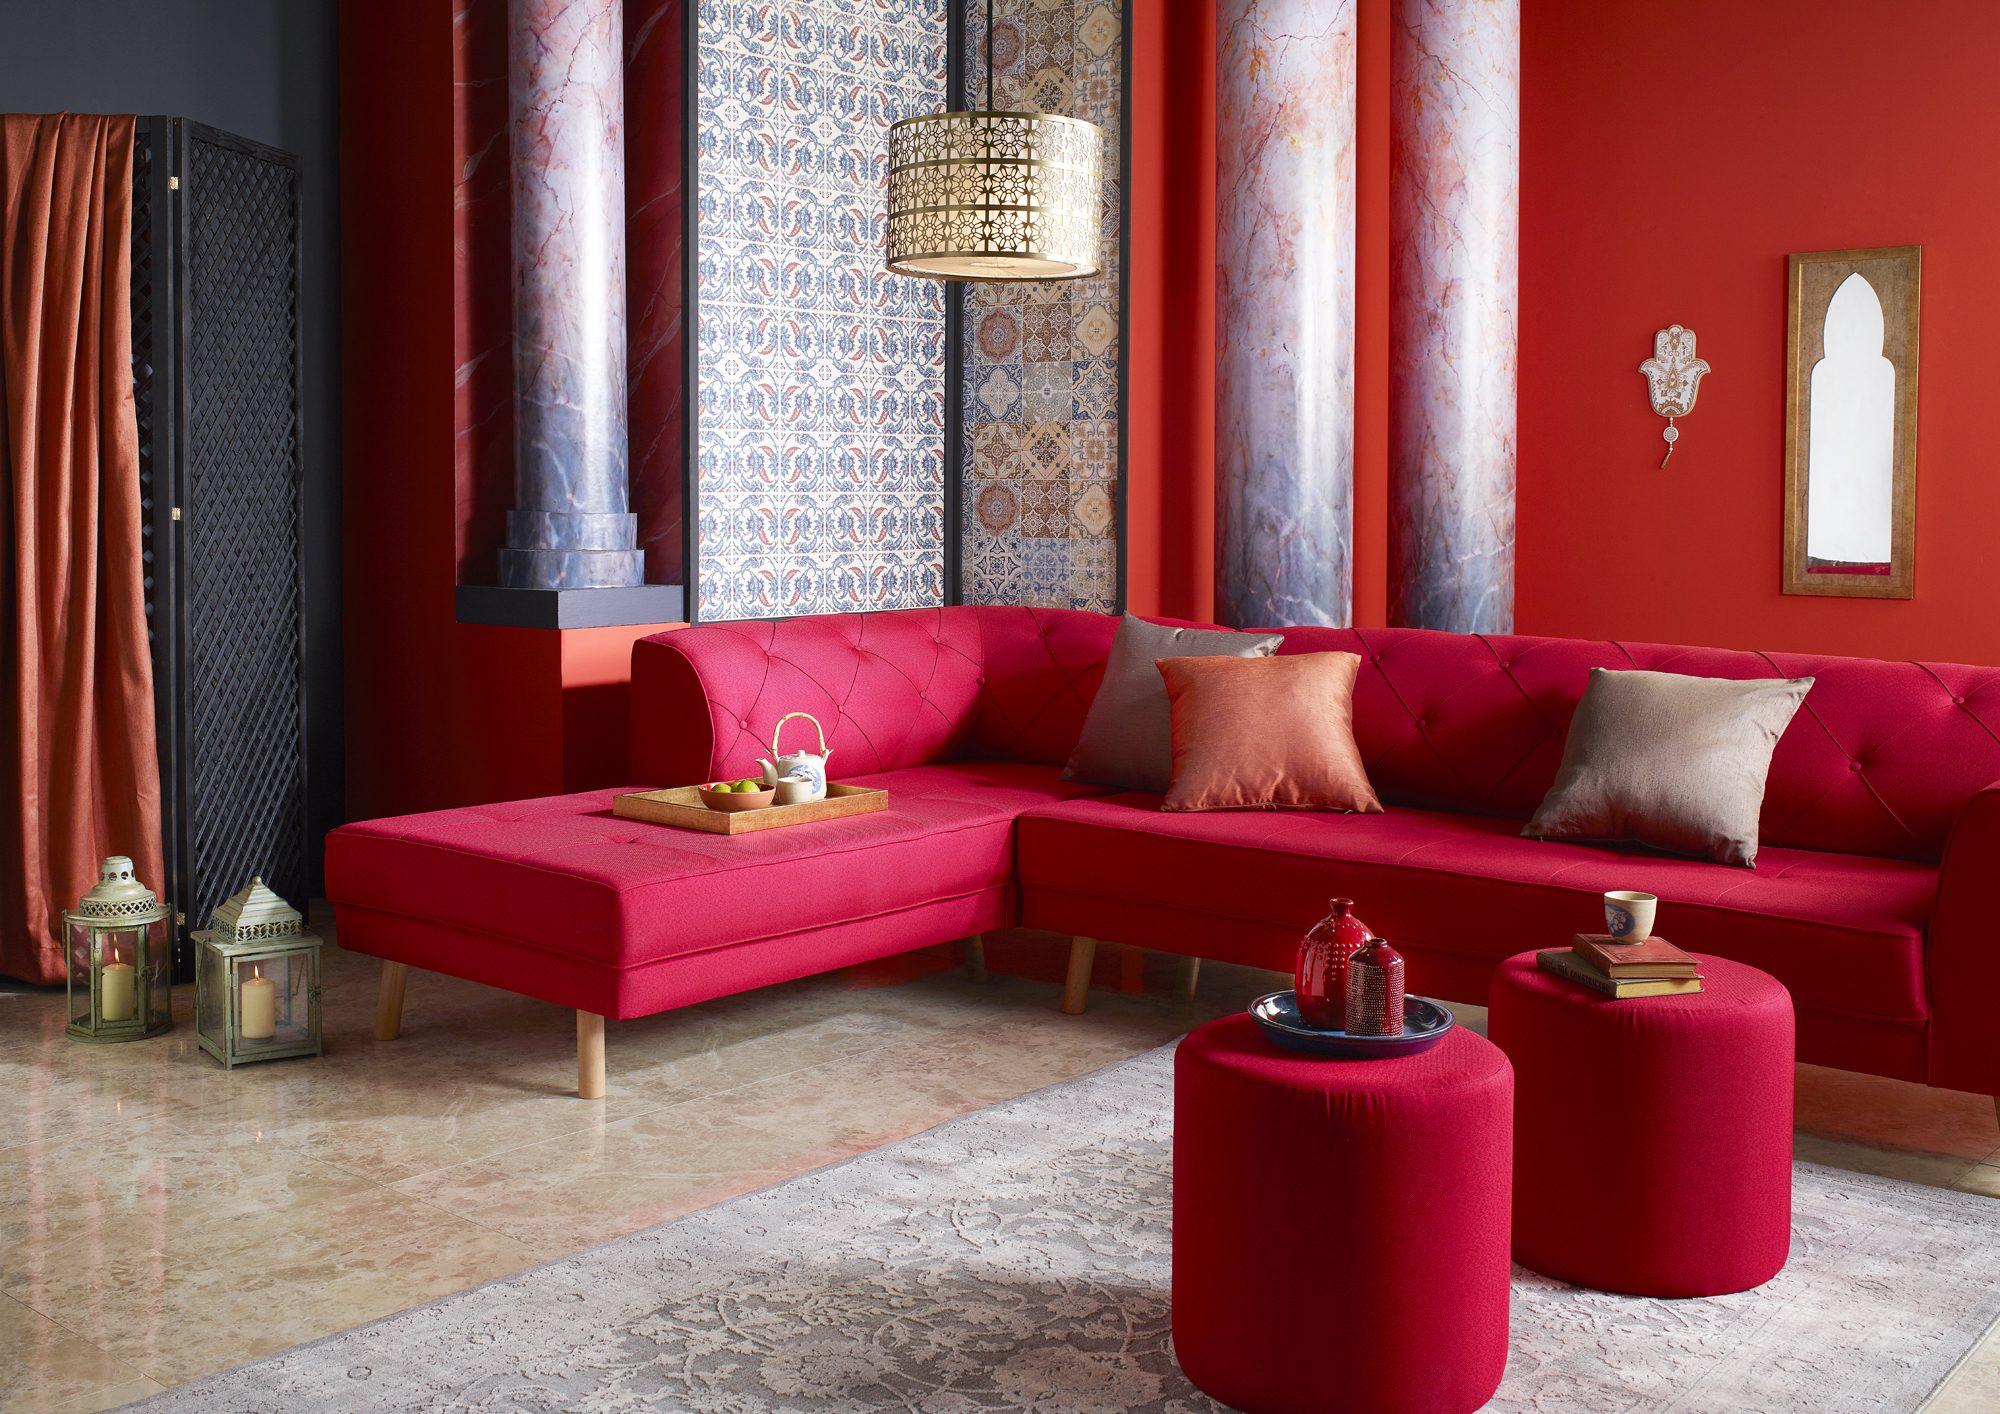 Alana uygun mobilyalar seçmenin dayanılmaz hafifliği.